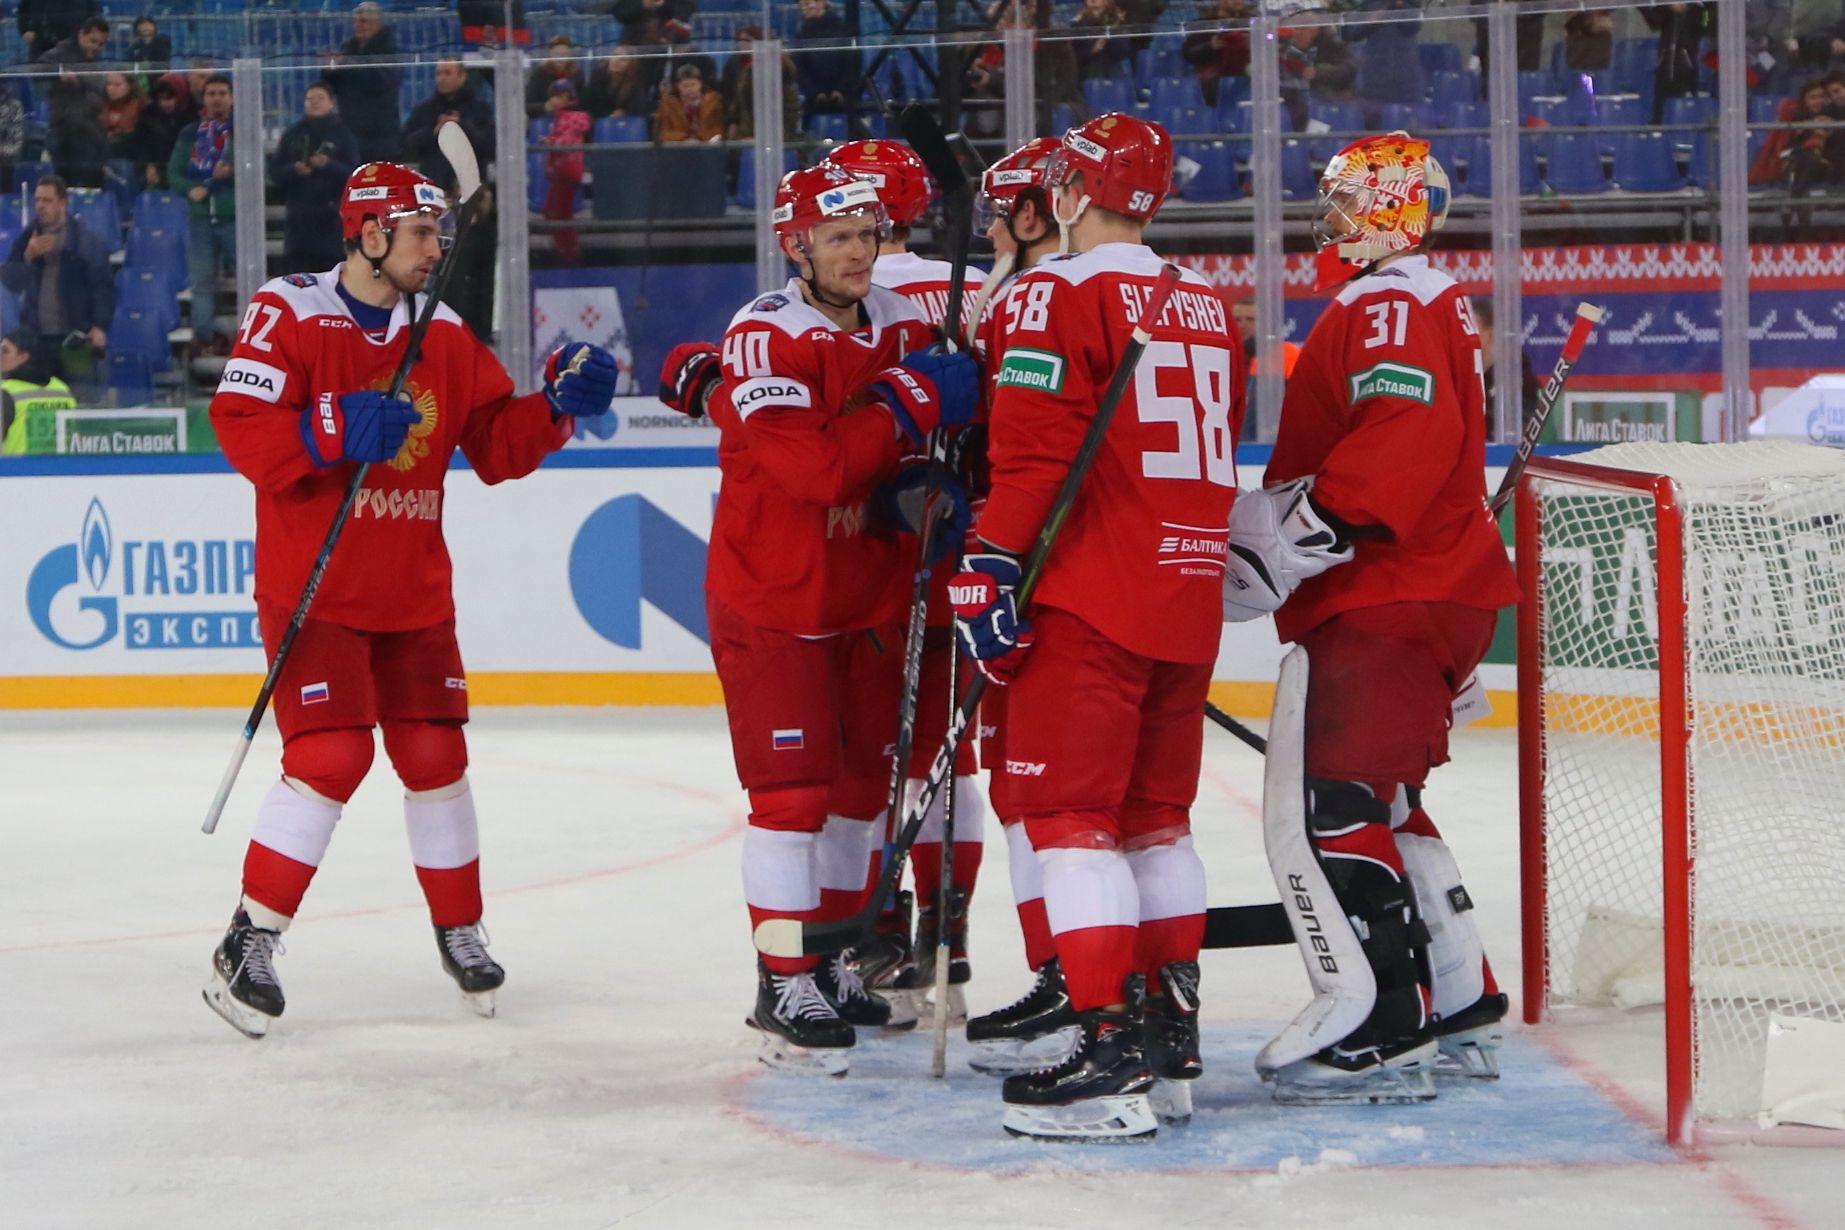 Сафронов рассказал о кадровых проблемах сборной России по хоккею